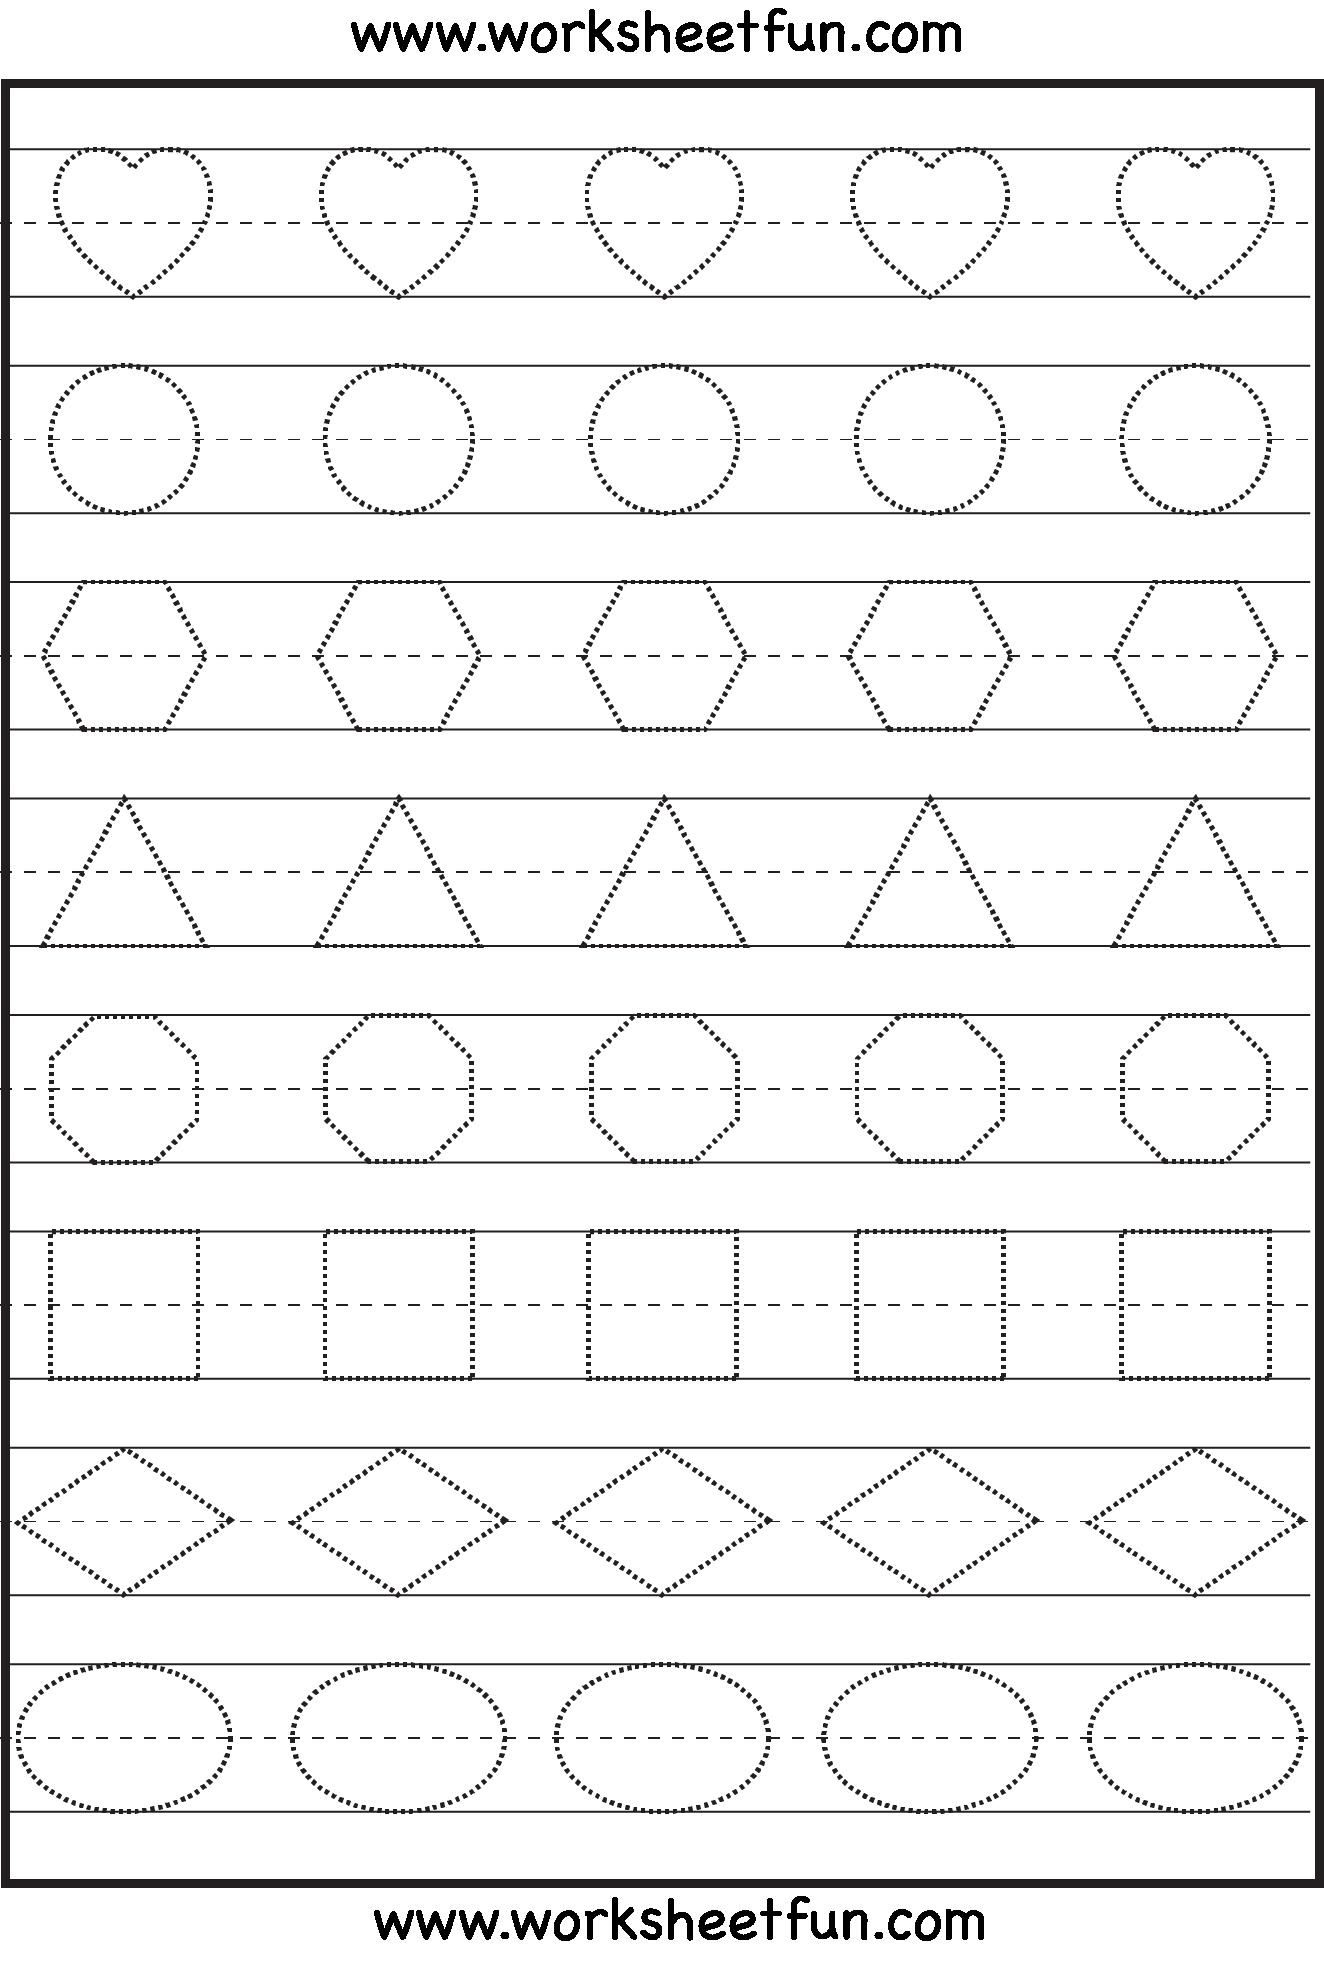 6 Best Images of Free Kindergarten Printables - Free Printable ...